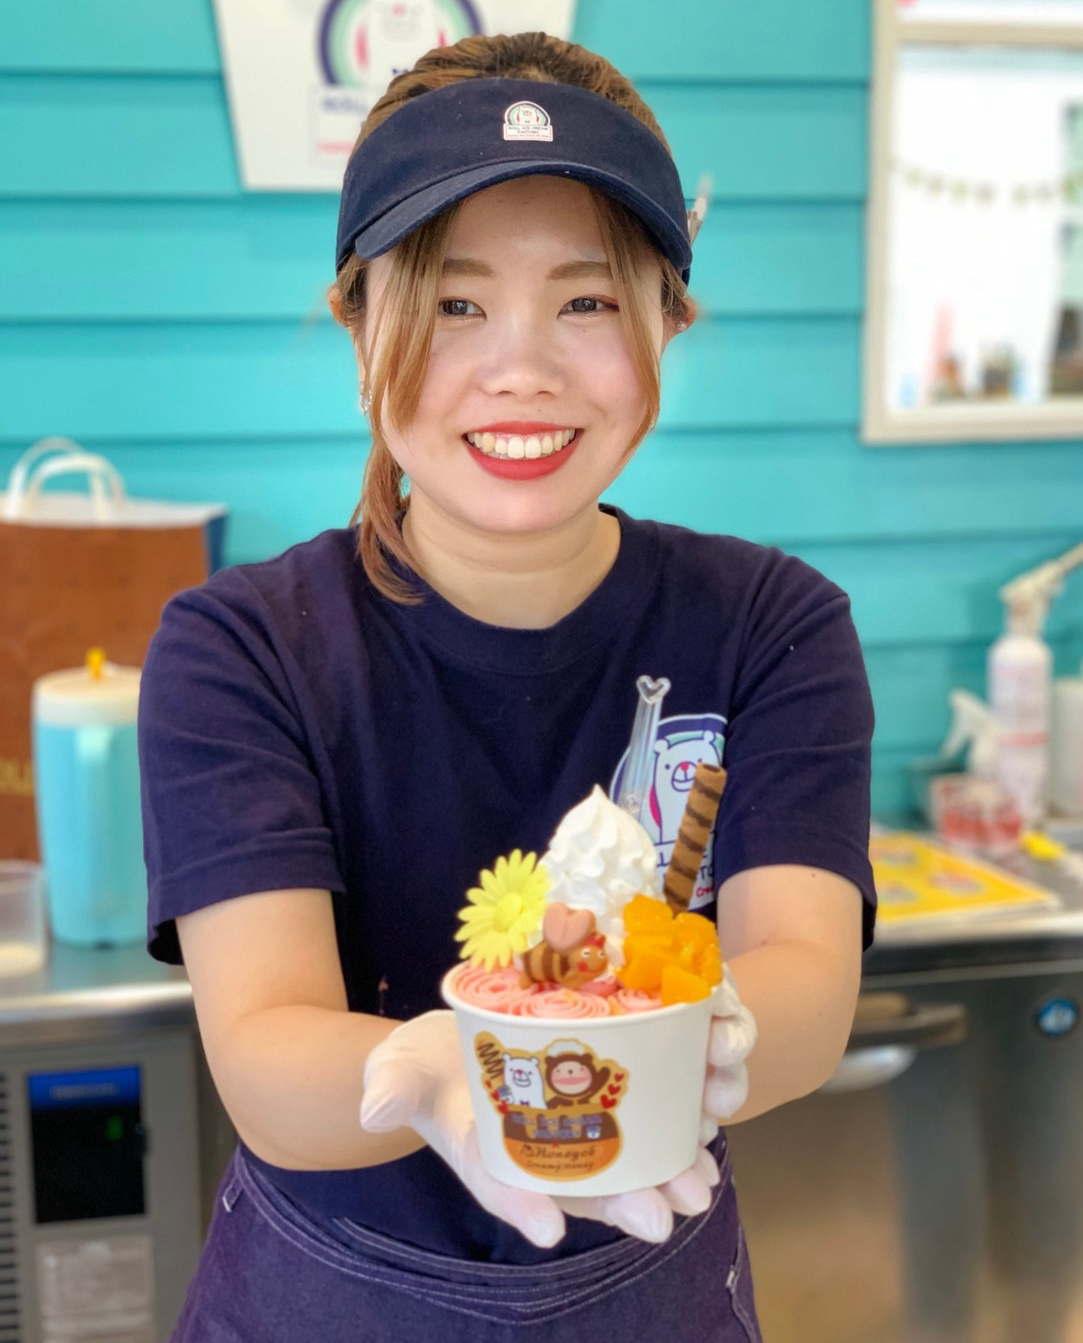 ロールアイスクリーム専門店「ロールアイスクリームファクトリー」